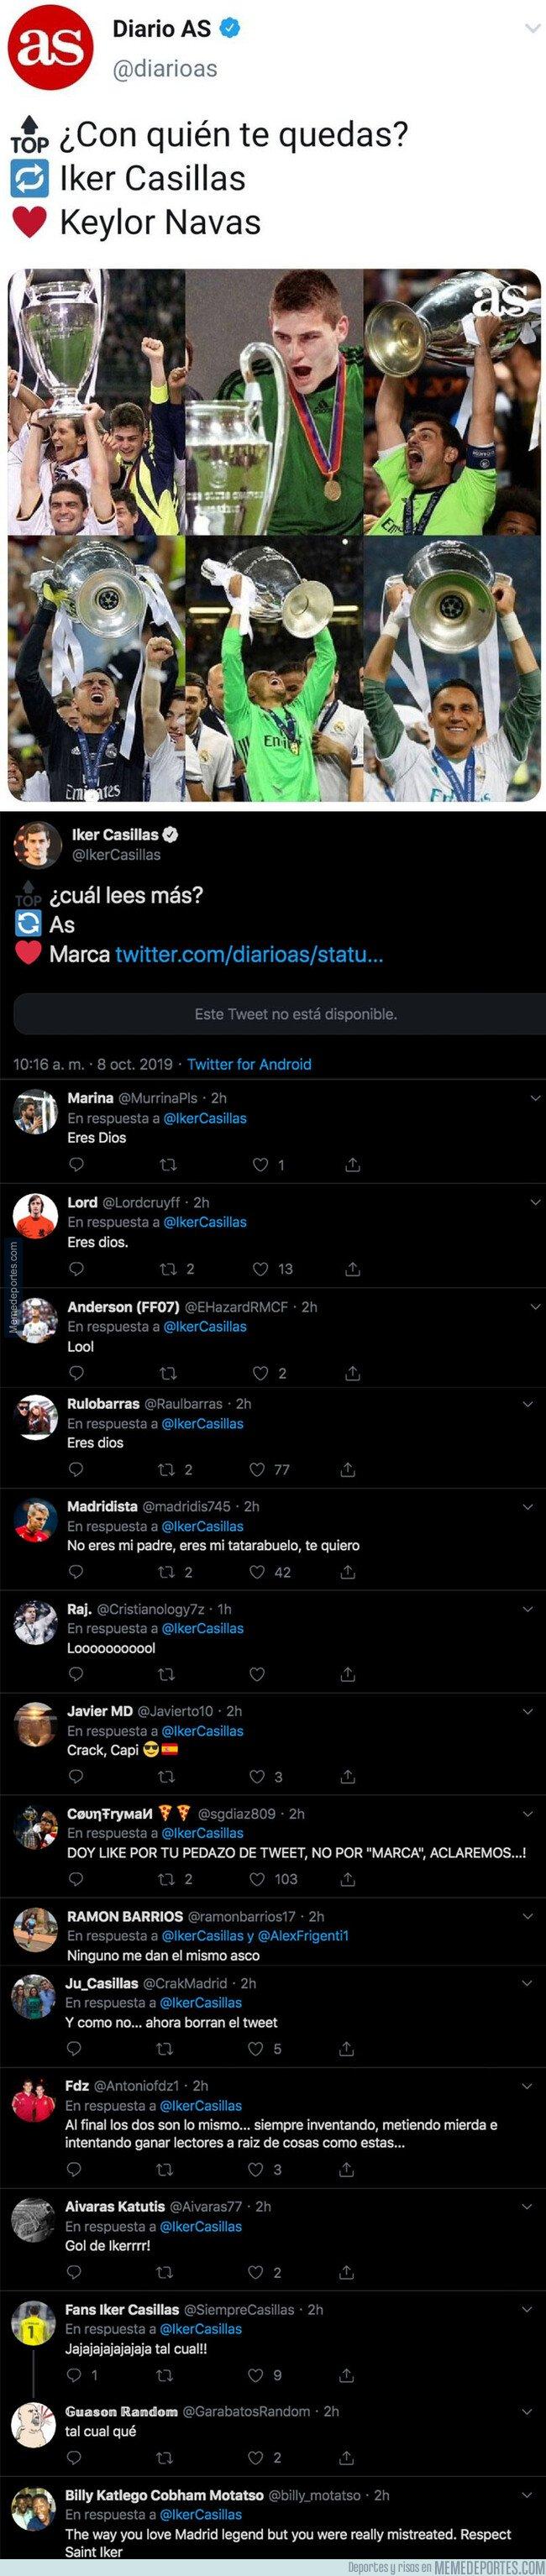 1087949 - El diario 'AS' hace una pregunta sobre Casillas y Keylor Navas y reciben un revés monumental de Iker por el que tienen que borrar el tuit